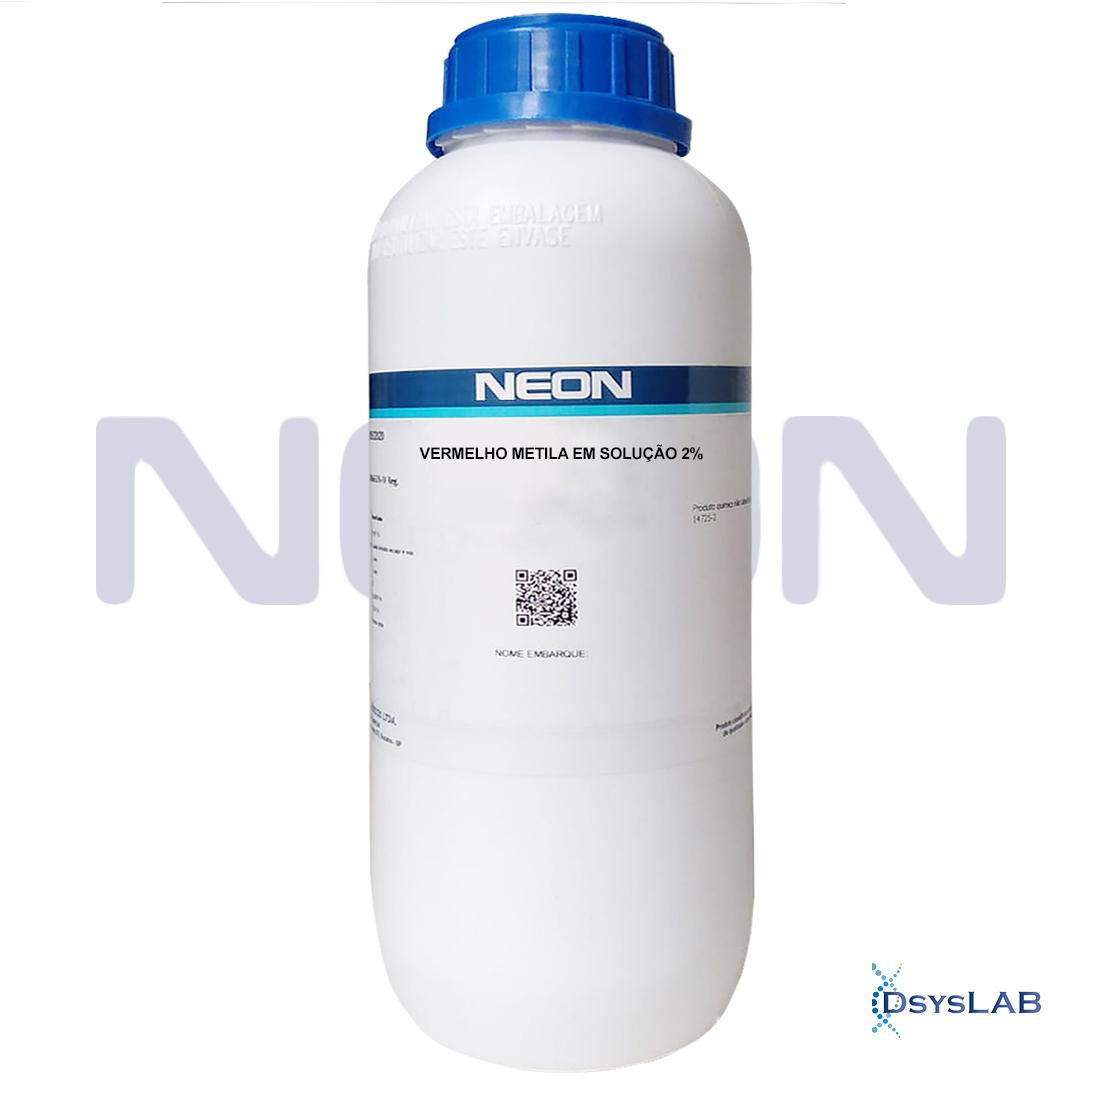 Vermelho Metila em solução 2% CAS 493-52-7 NEON